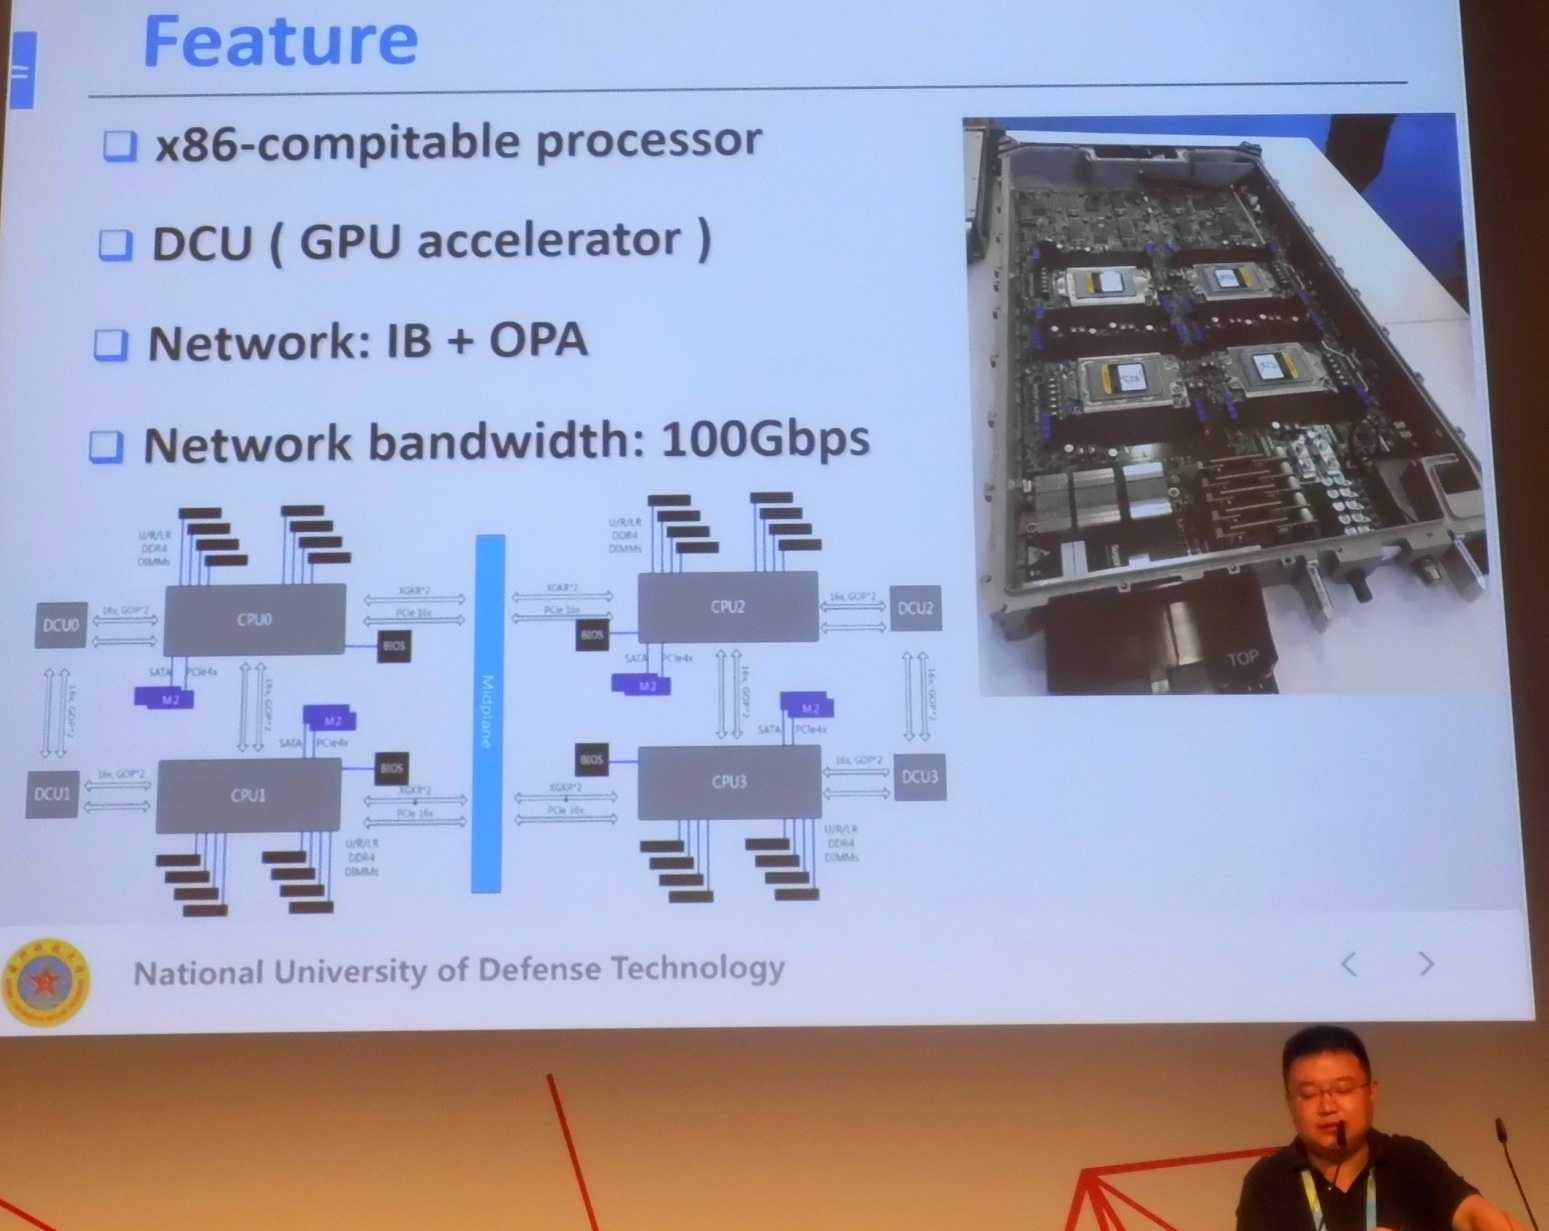 Laut Insidern arbeitet Dawning/Sugon beim Exascale-Projekt eng mit AMD zusammen, sowohl beim Prozessor alls auch bei der GPU.